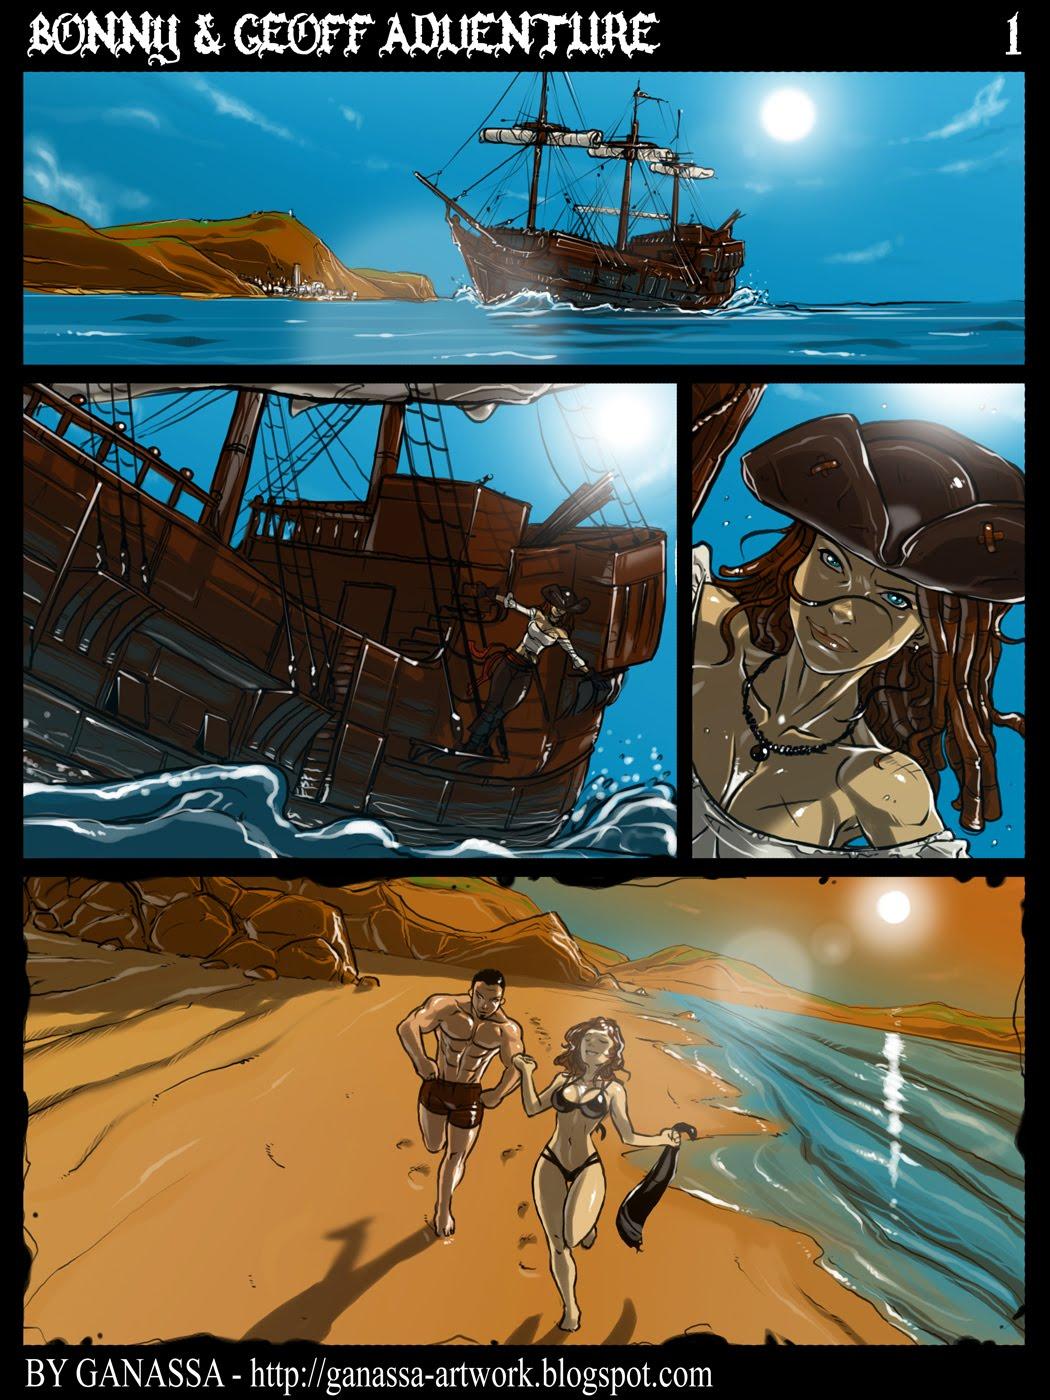 Night Elf Porn Comics Top ganassa's artwork gallery: 12/18/11 - 12/25/11